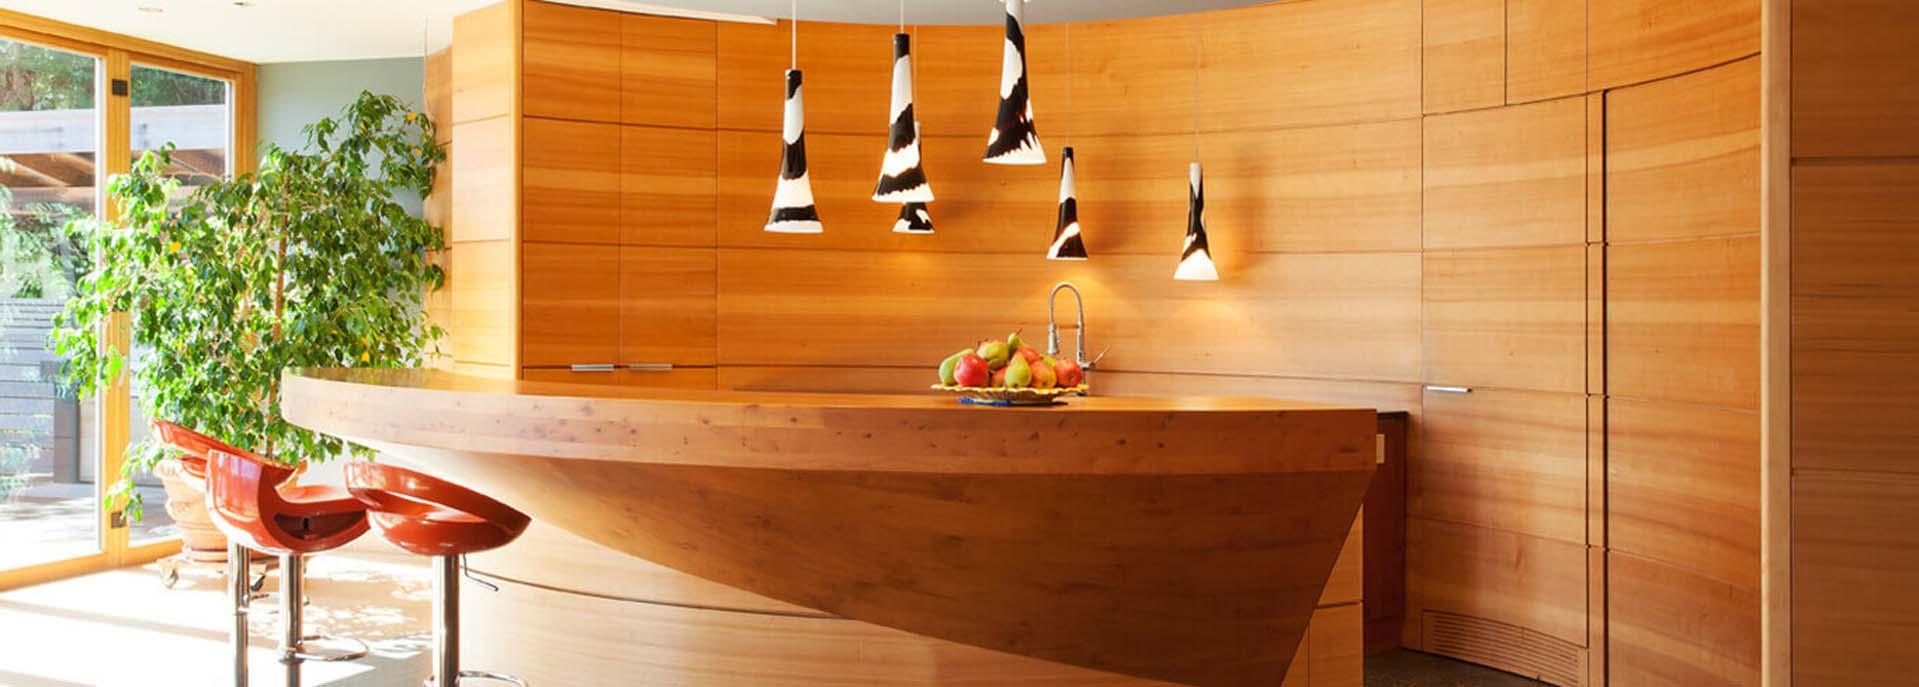 Douglas Fir Wood for Kitchen